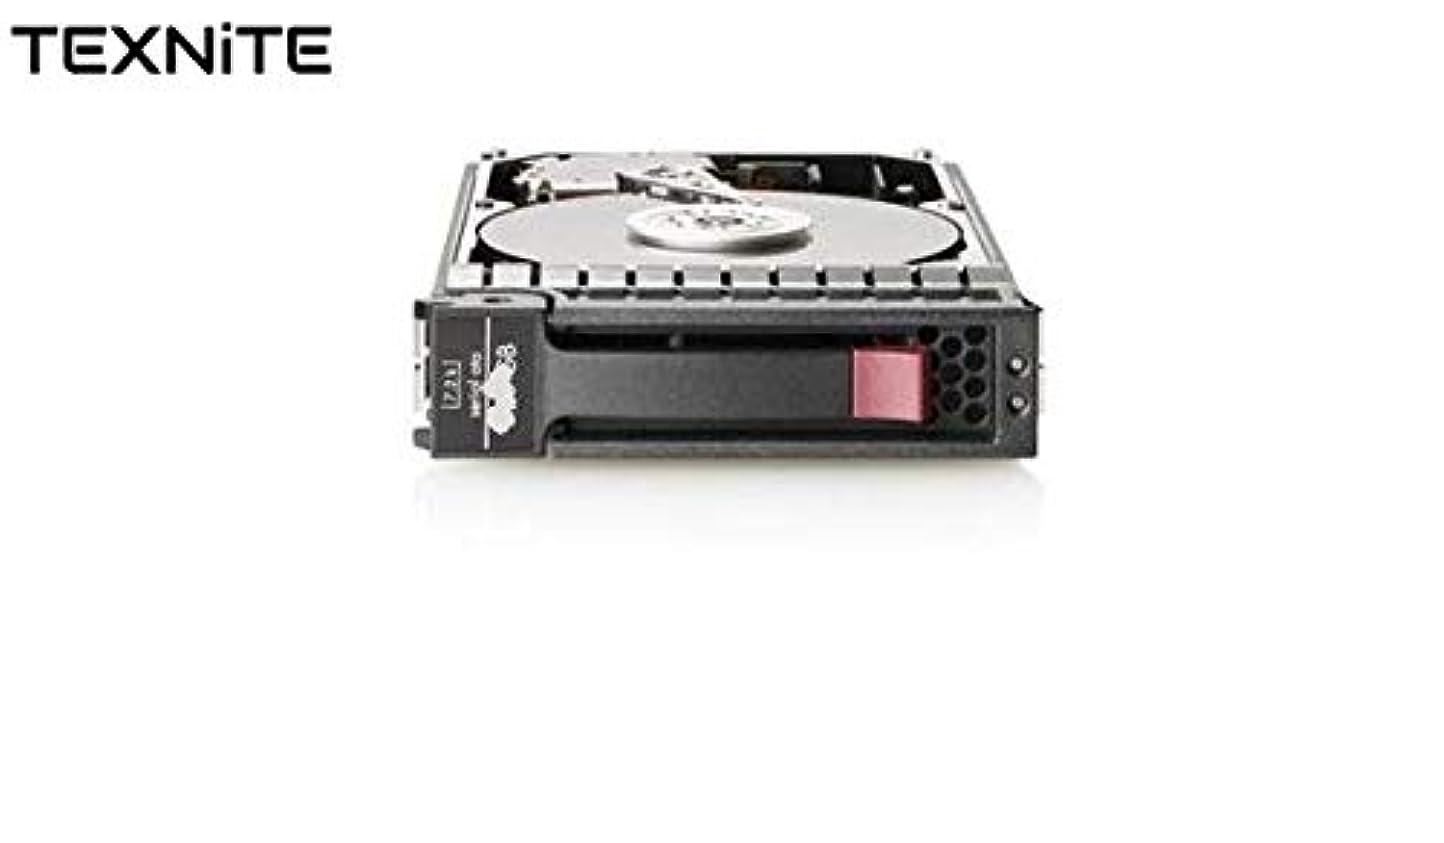 複雑診療所扱う(2パック) Texnite 507613-001 1TB 3.5インチ LFF SAS 6Gb/s 7.2K RPM ミッドライン (MDL) デュアルポート (DP) ホットプラグハードドライブ Hp 507613-001用